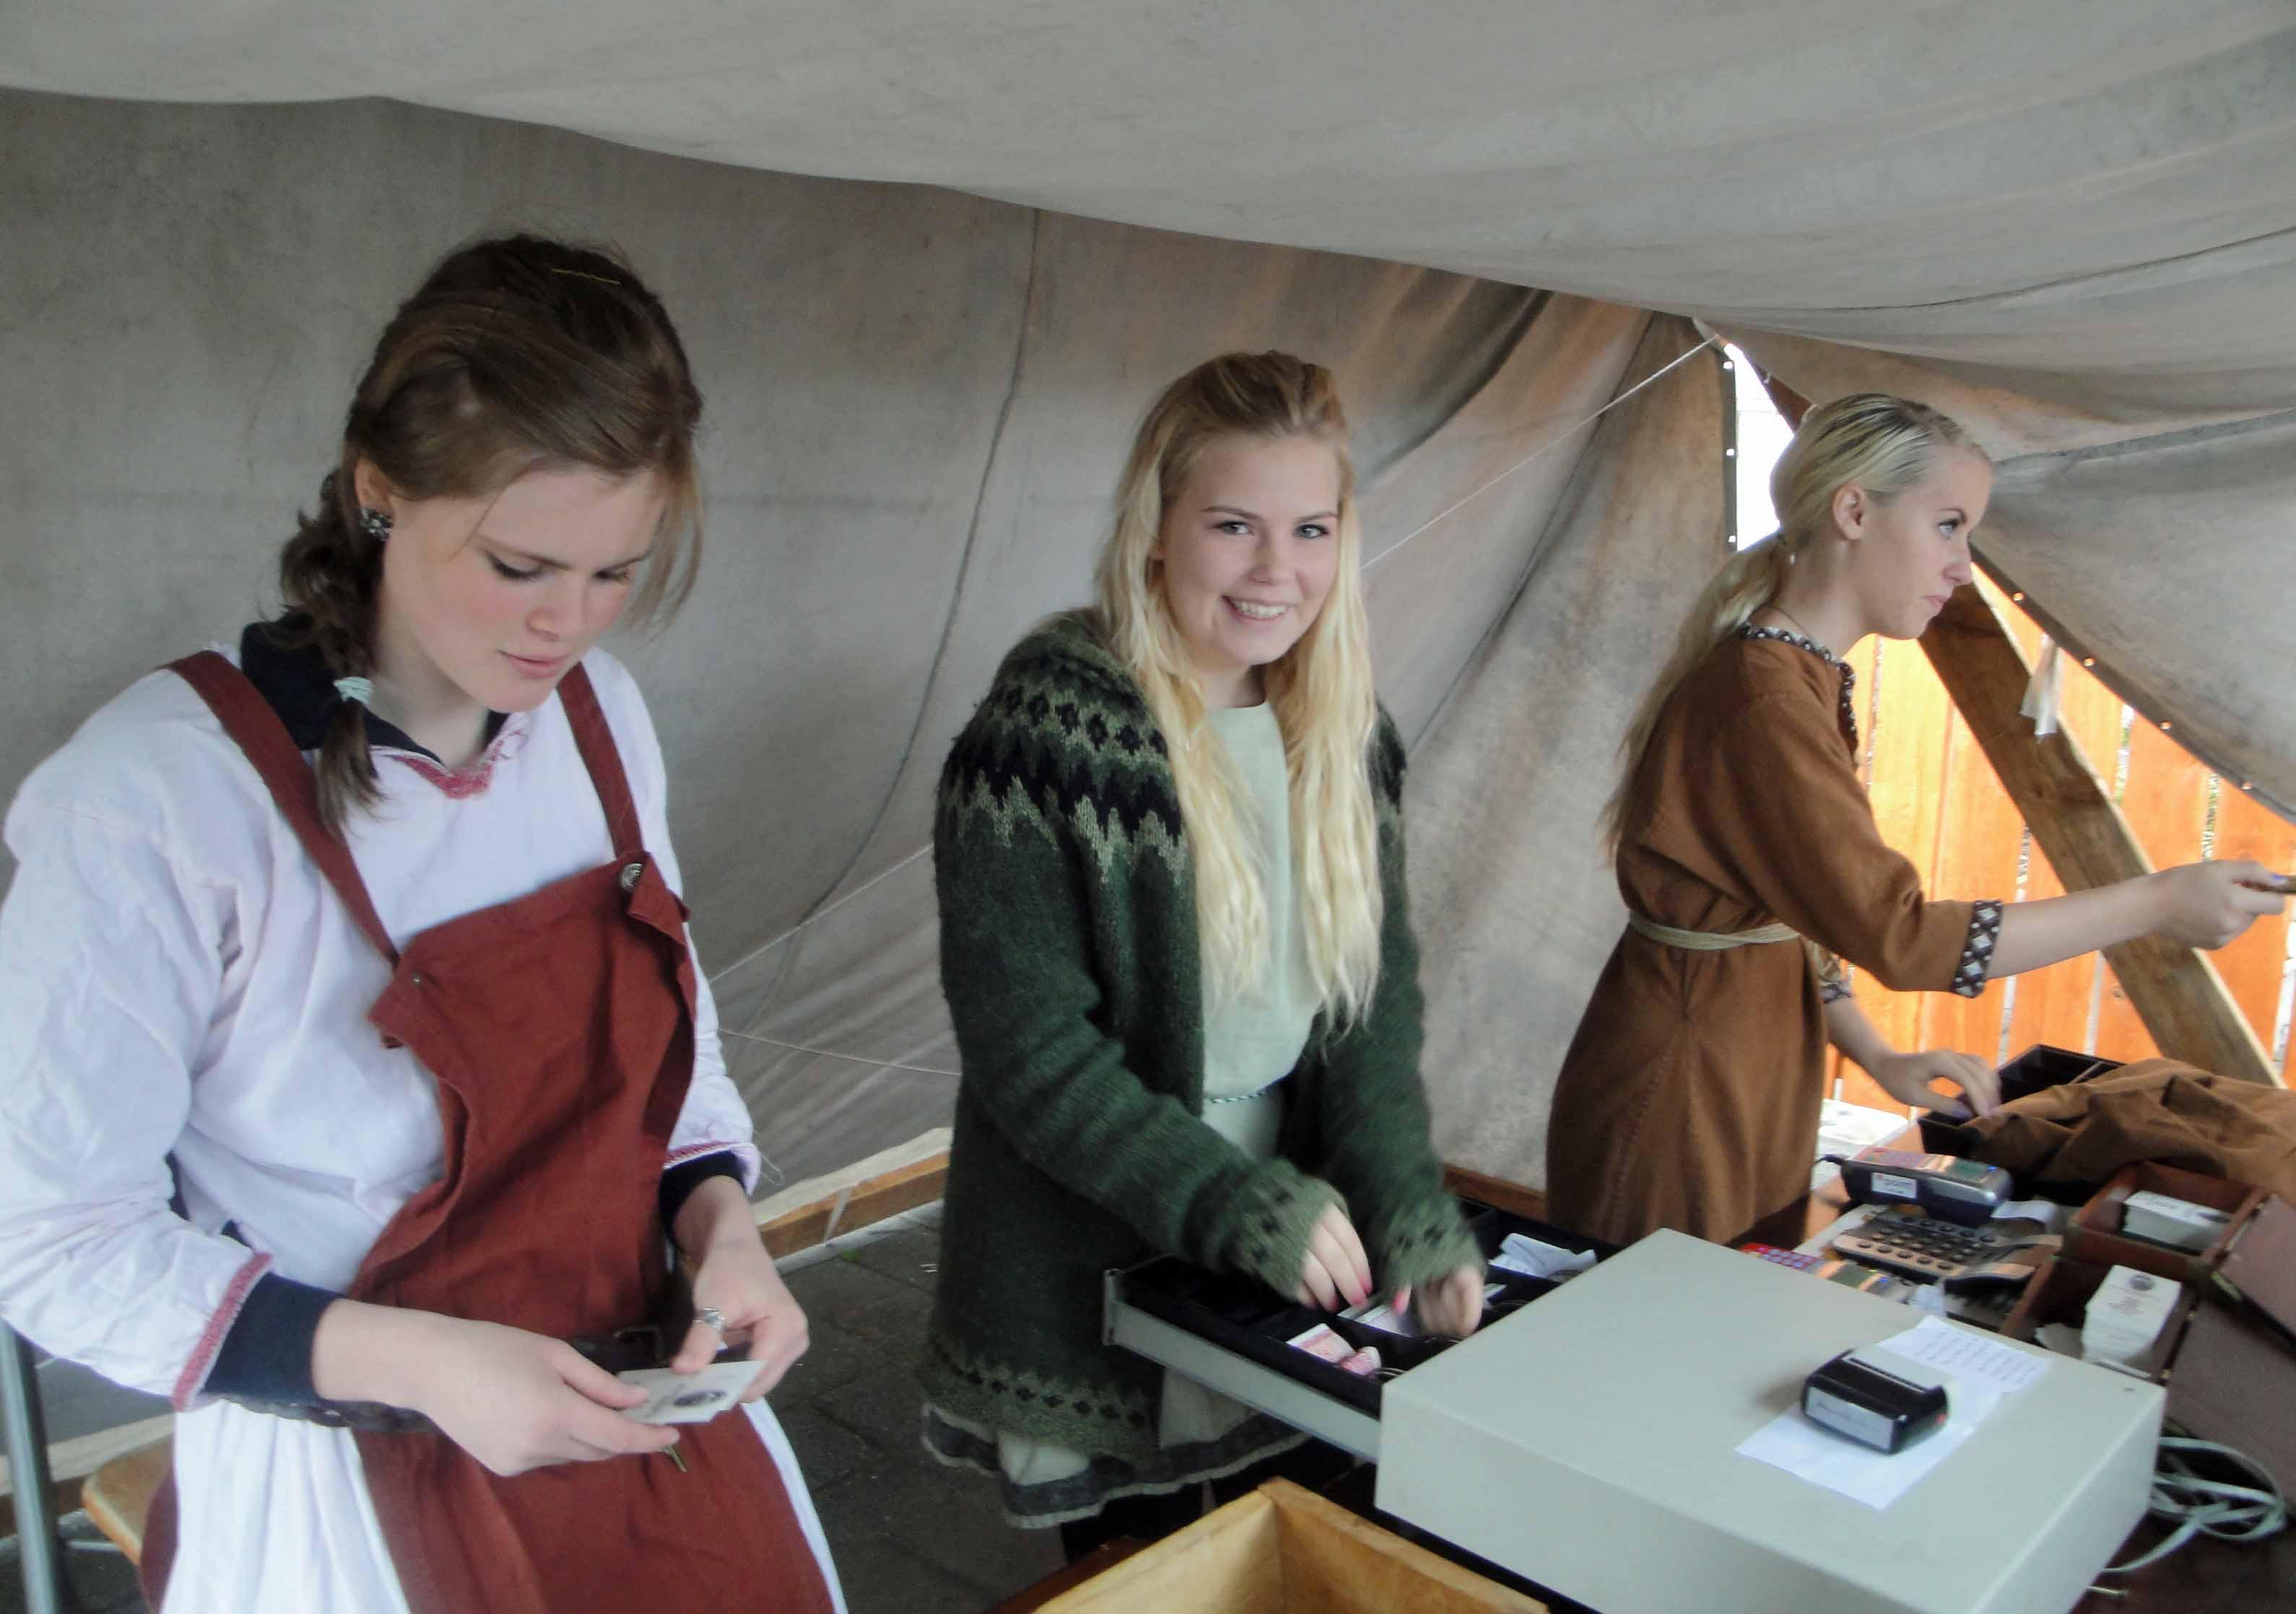 Iceland's Starfatorgið: 50 percent found jobs or started studying